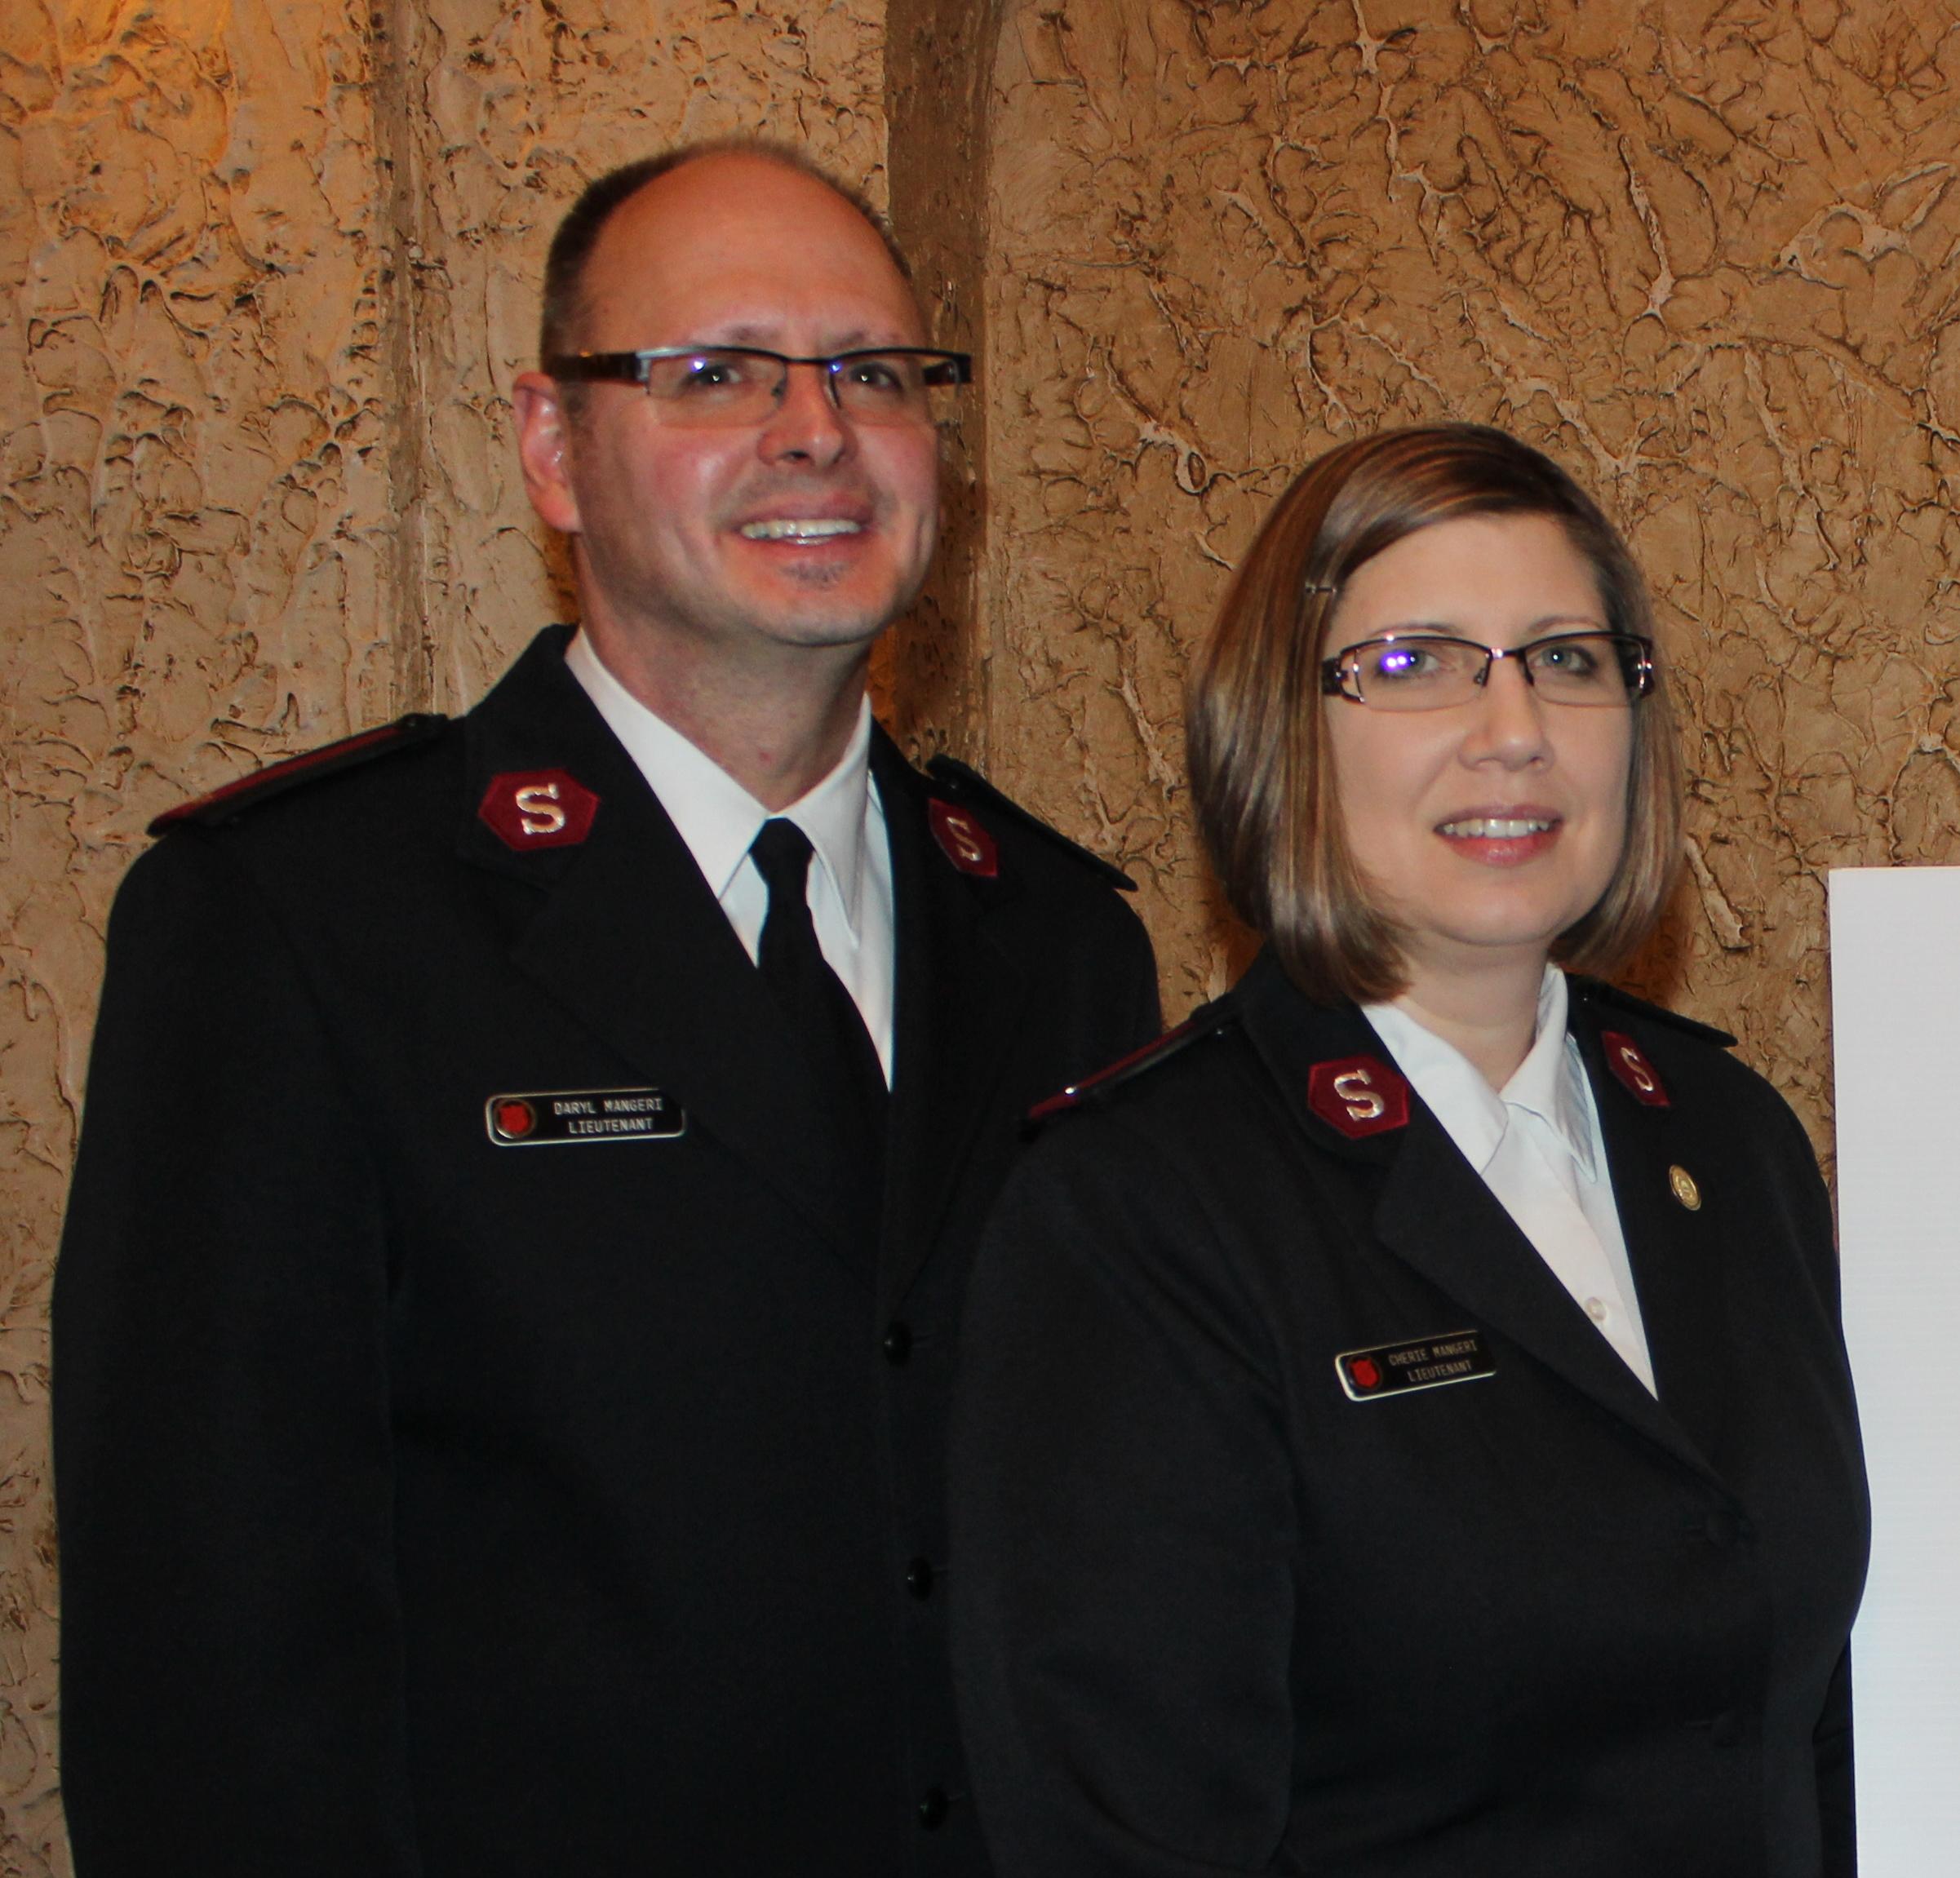 Lt. Daryl & Cherie Mangeri